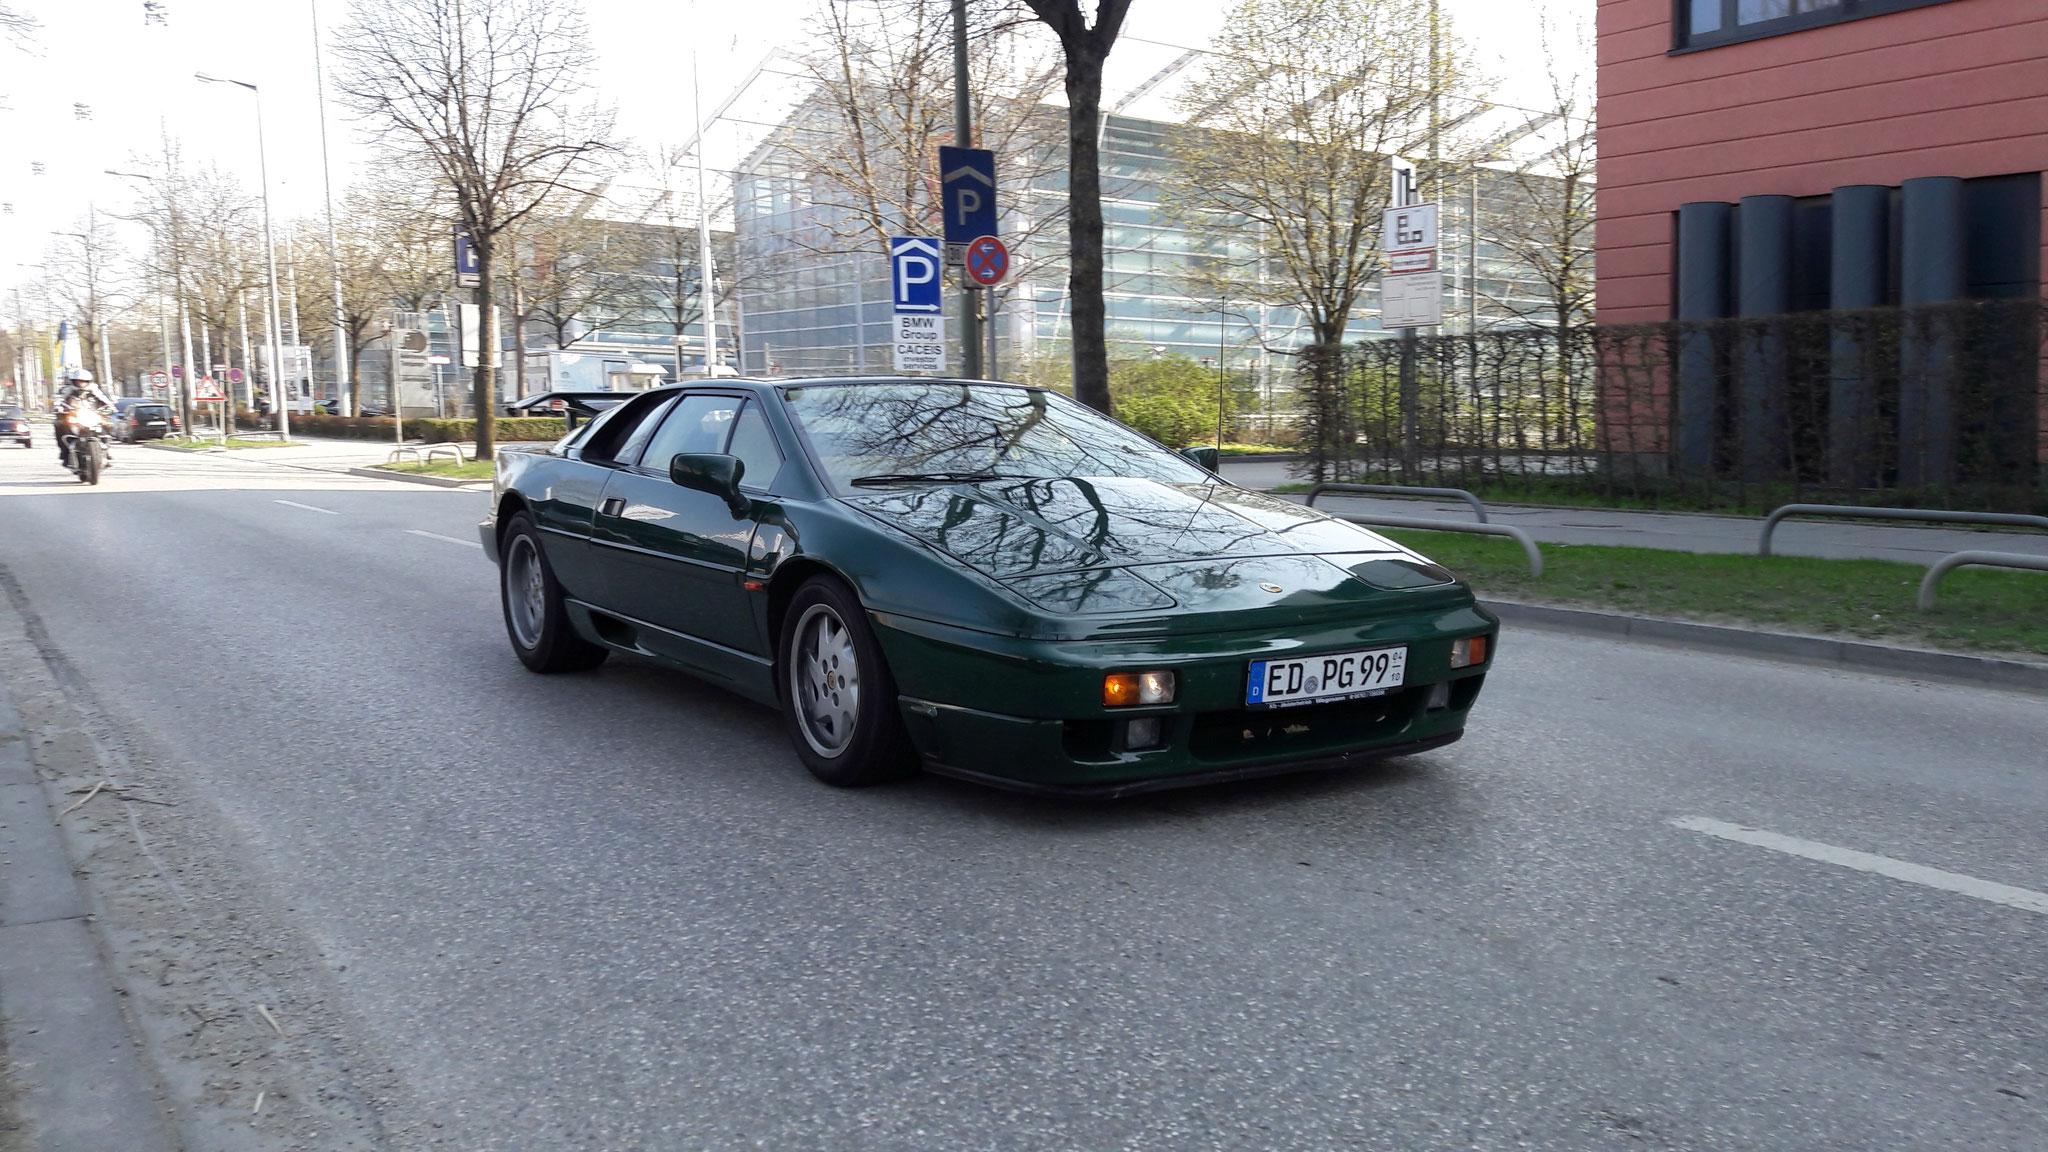 Lotus Esprit V8 - ED-PG-99